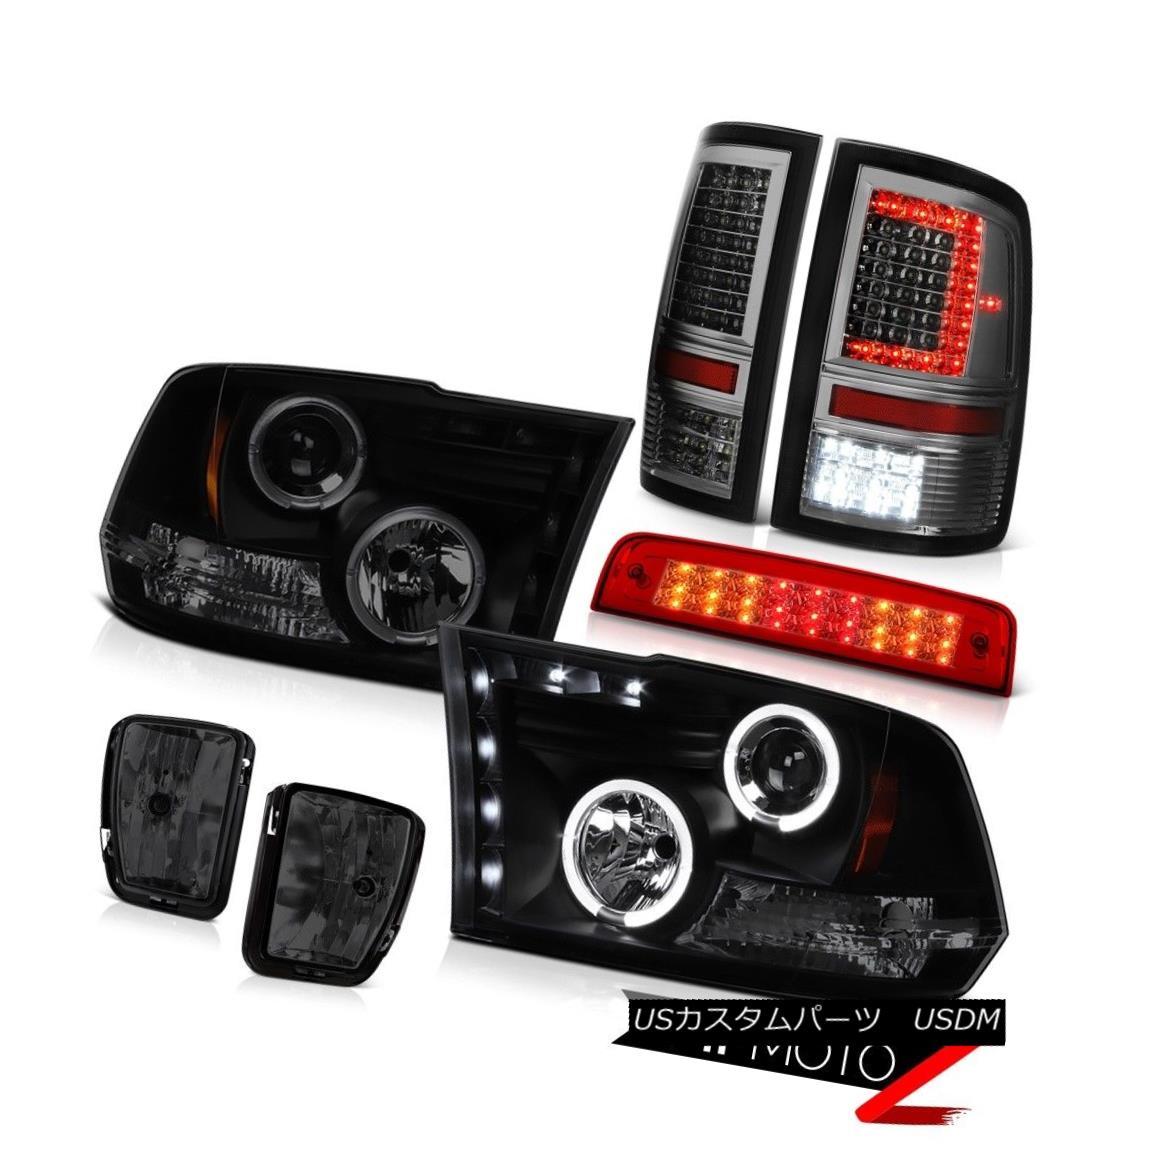 テールライト 13 14 15 16-18 Dodge RAM 1500 Tail Lamp Rosso Red Brake Light Fog Headlight PAIR 13 14 15 16-18ダッジRAM 1500テールランプロッソレッドブレー